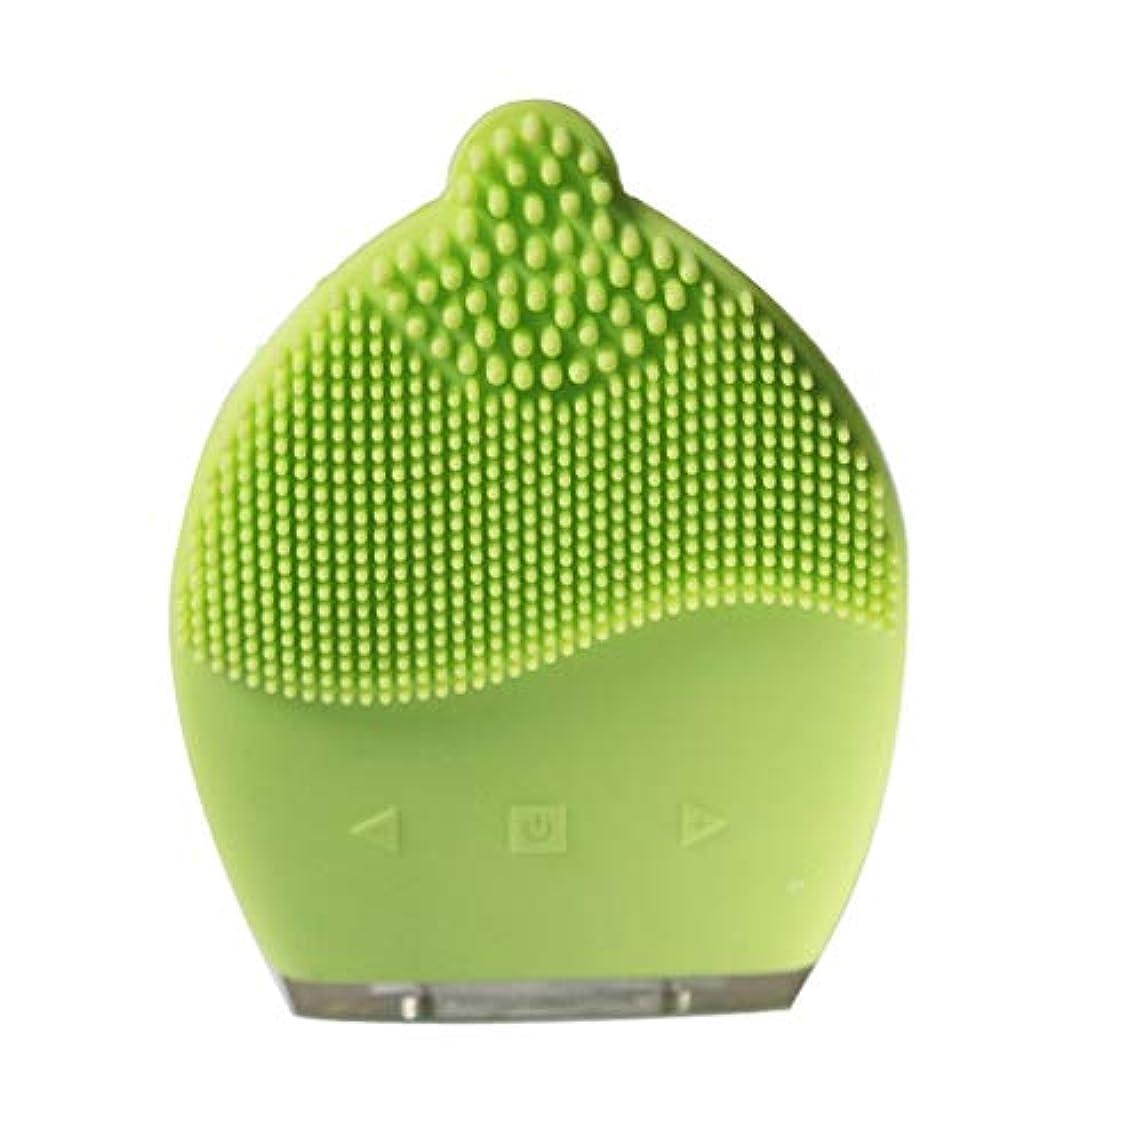 伝統ルアー重要性電気シリコーンクレンジング器具、USBフェイシャルシリコーンポータブルフェイシャルマッサージャーディープエクスフォリエイティングジェントル&ディープクレンジングフェイシャル (Color : Green)